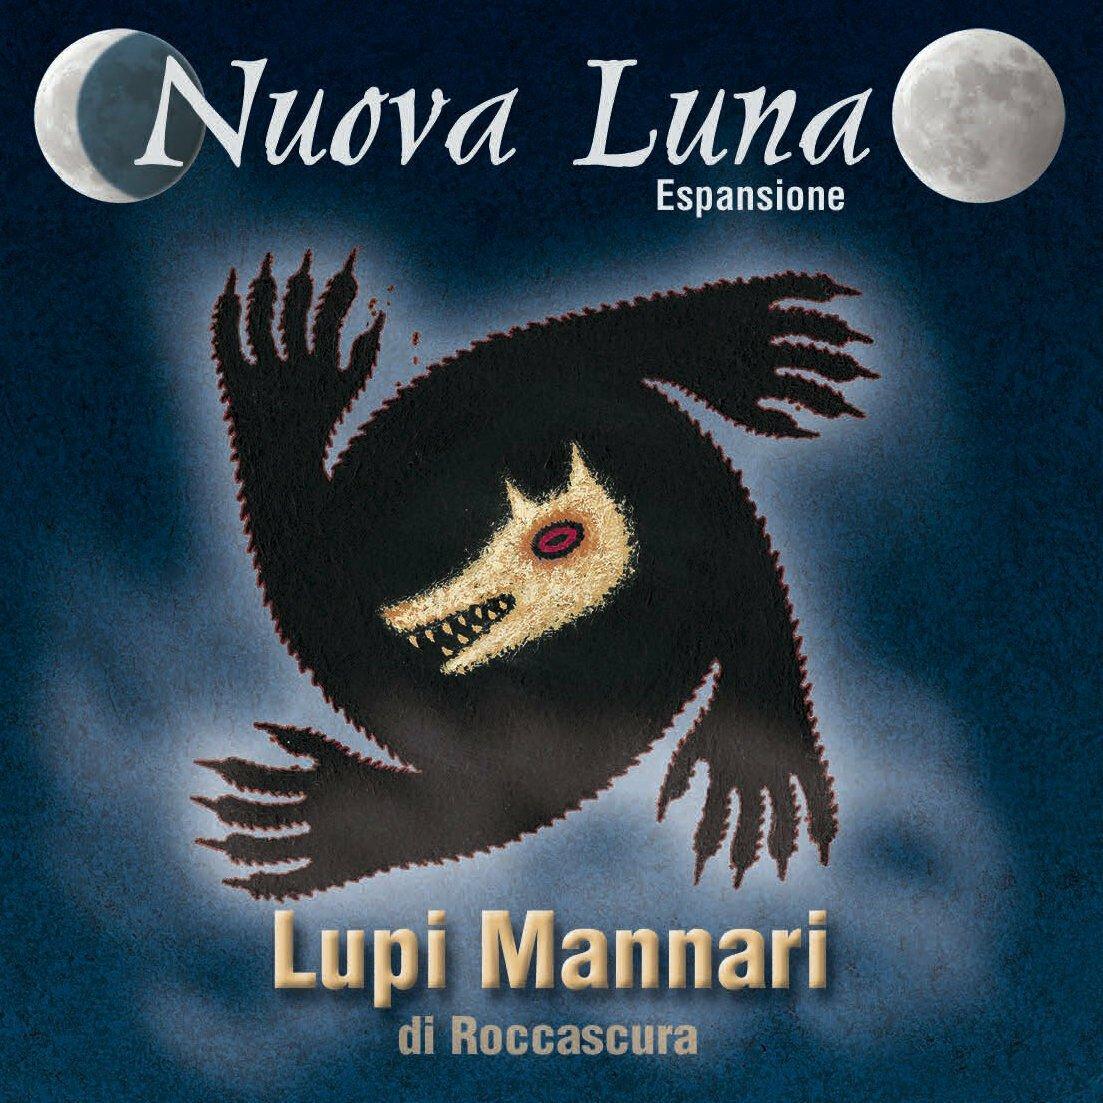 Lupi Mannari di Roccascura: Nuova Luna - Espansione  (Lingua: Italiano - Stato: Nuovo)